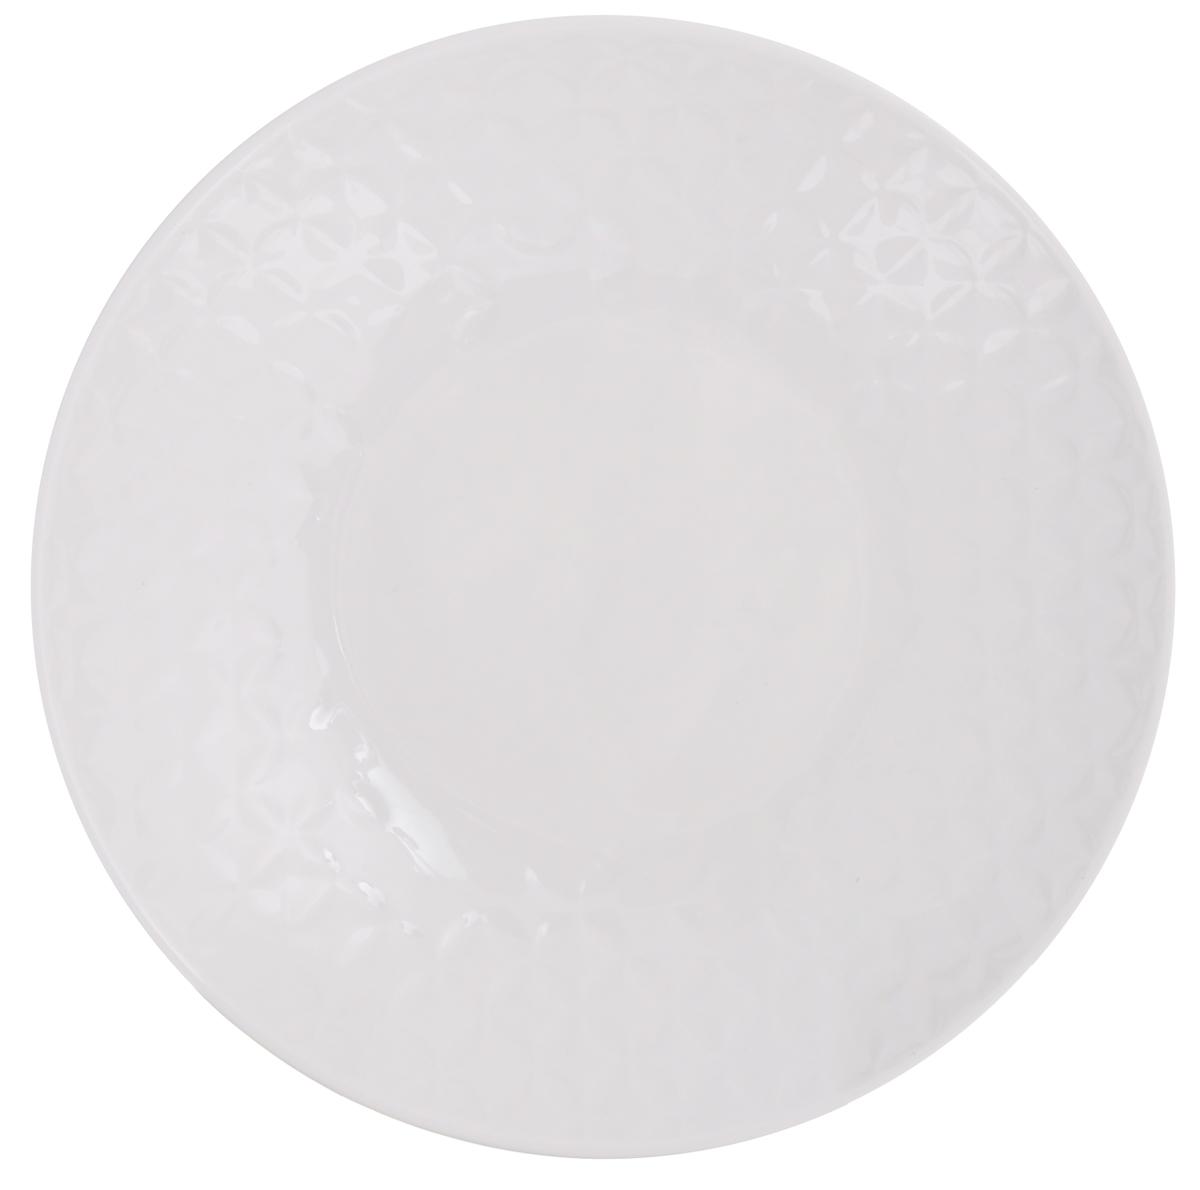 Тарелка суповая Walmer Quincy, цвет: белый, диаметр 21 см тарелка суповая поэма анис 21 5см 955623